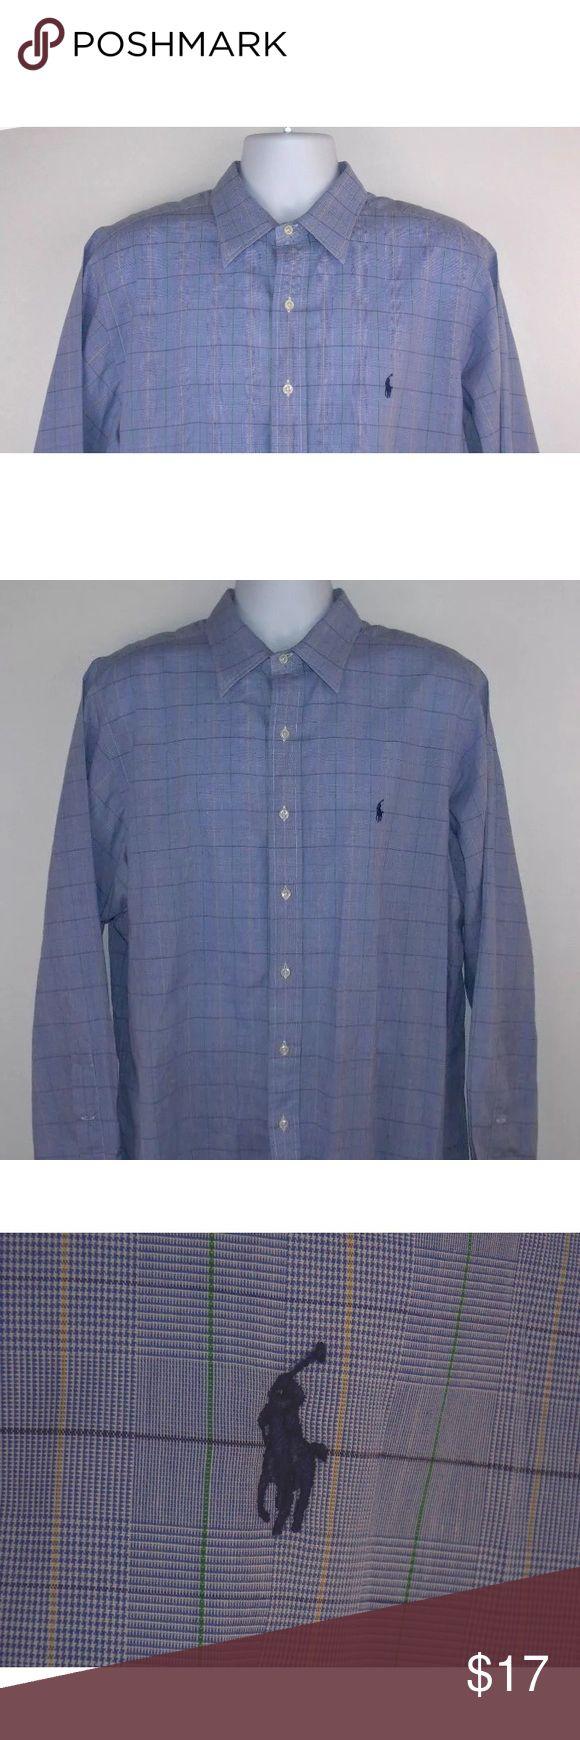 Ralph Lauren Men's Shirt 17 34/35 Long Sleeved Men's Ralph Lauren shirt size 17 34/35. In great overall condition. Polo by Ralph Lauren Shirts Casual Button Down Shirts